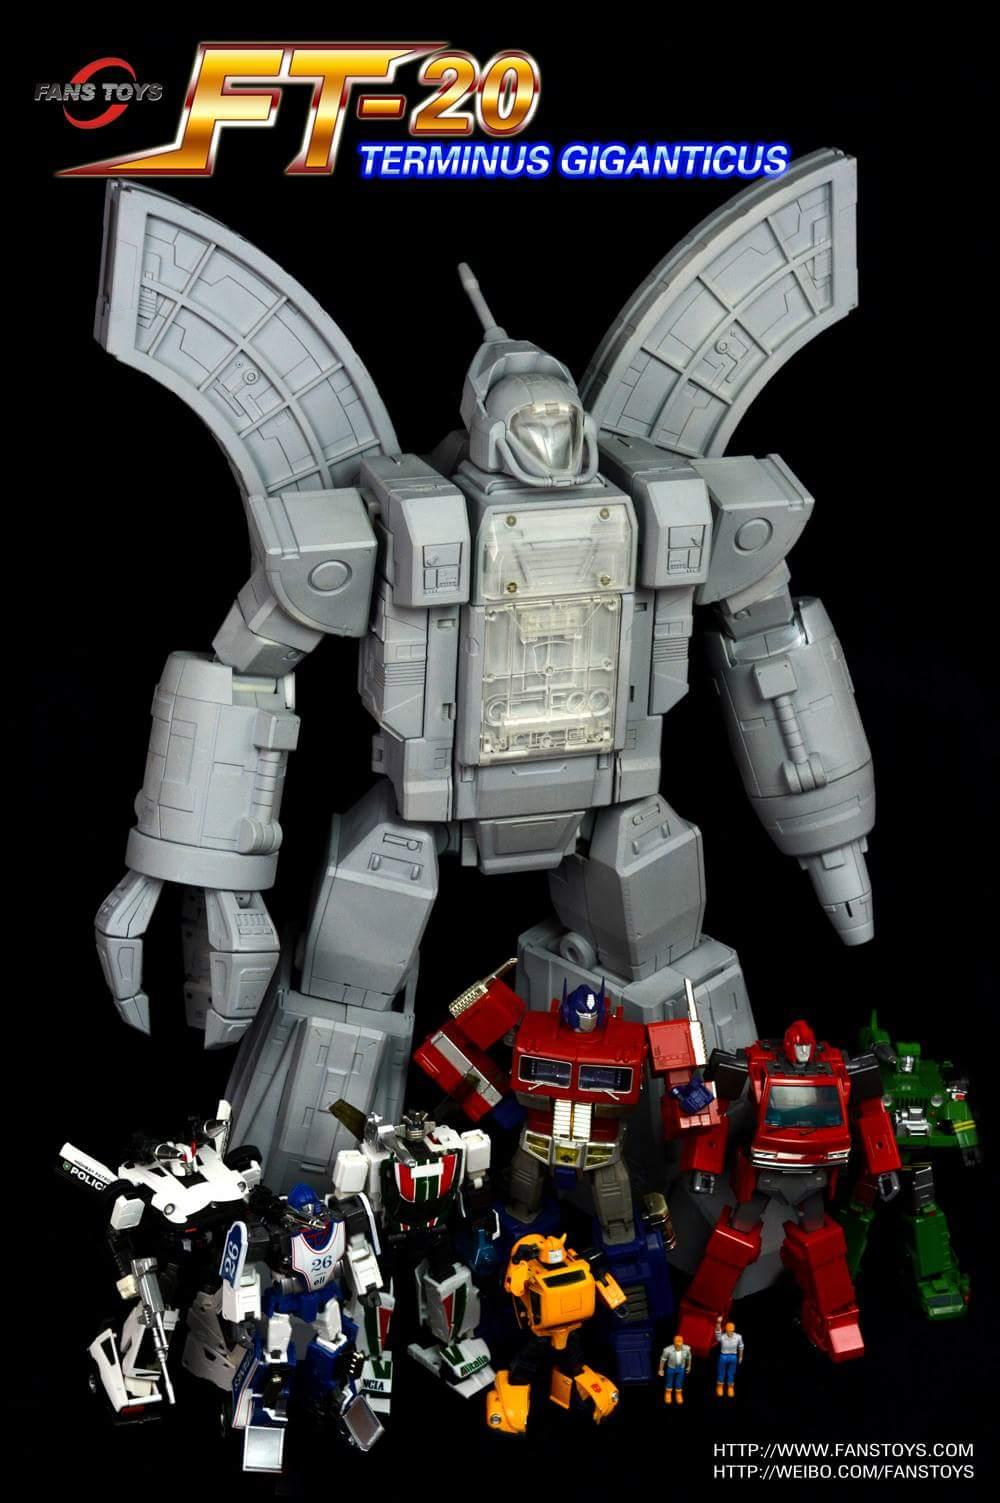 [Fanstoys] Produit Tiers - Jouets FT-20 et FT-20G Terminus Giganticus - aka Oméga Suprême et Omega Sentinel (Gardien de Cybertron) ZfRVOvuI